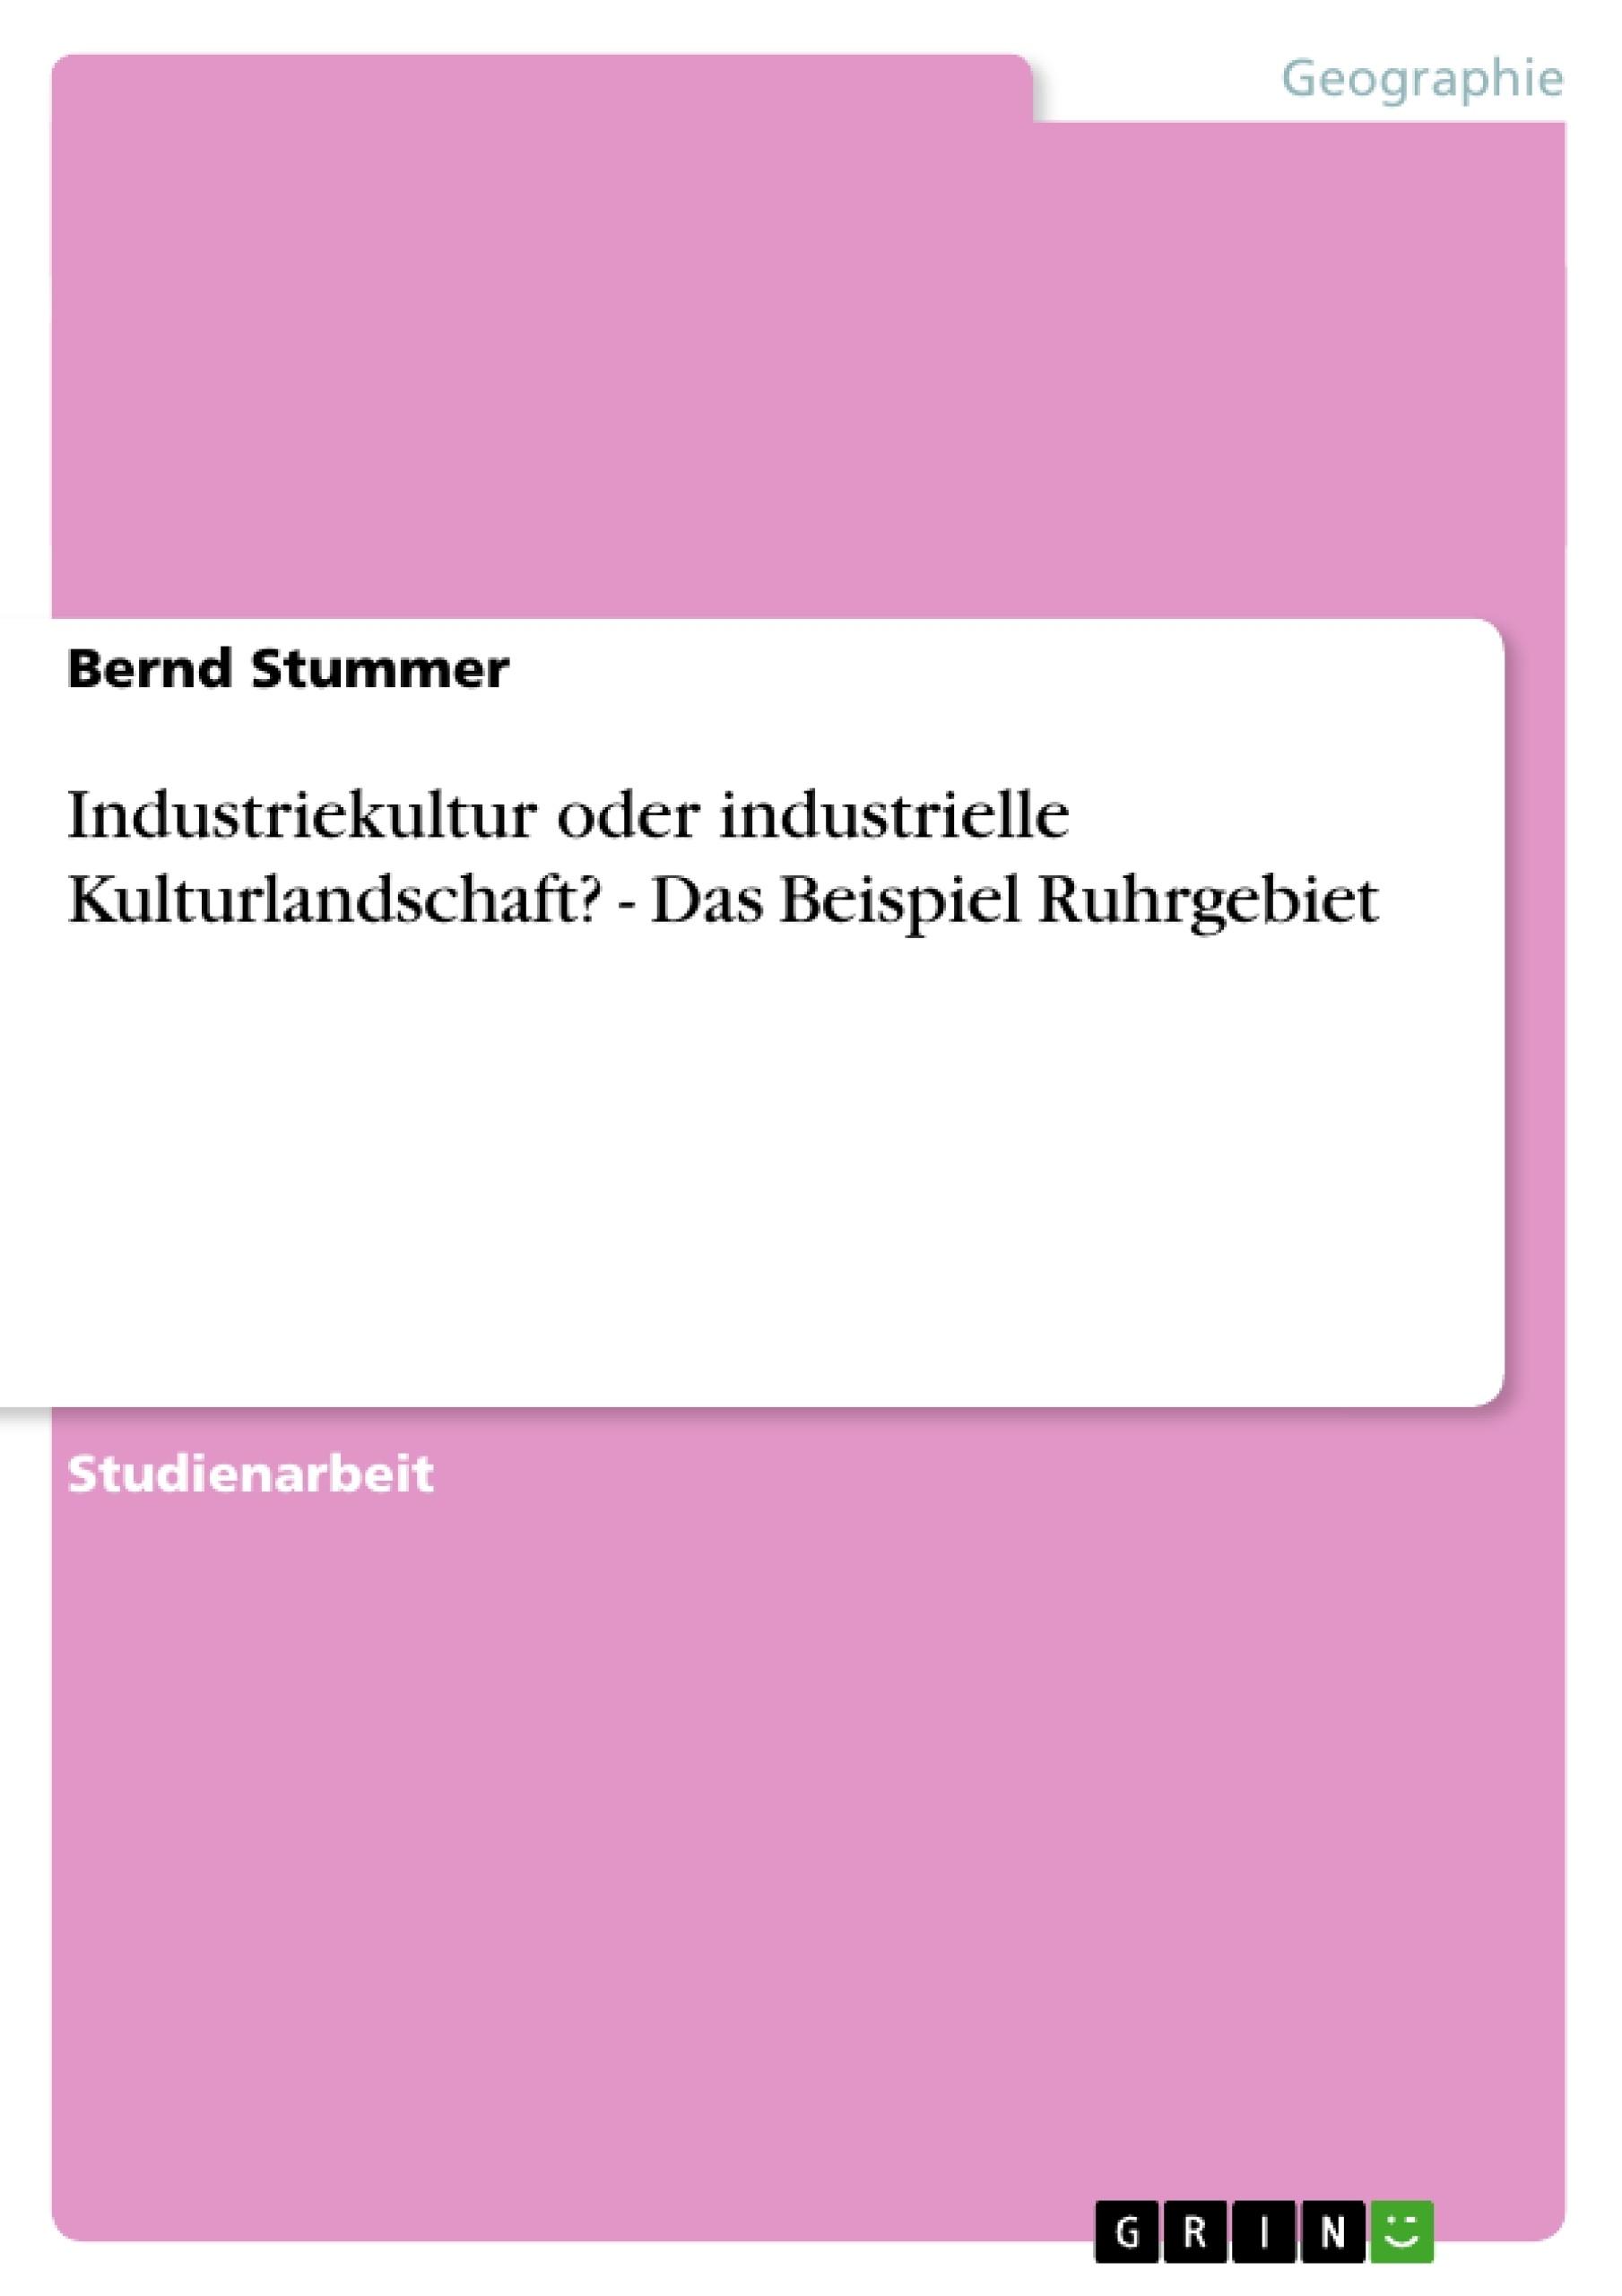 Titel: Industriekultur oder industrielle Kulturlandschaft? - Das Beispiel Ruhrgebiet